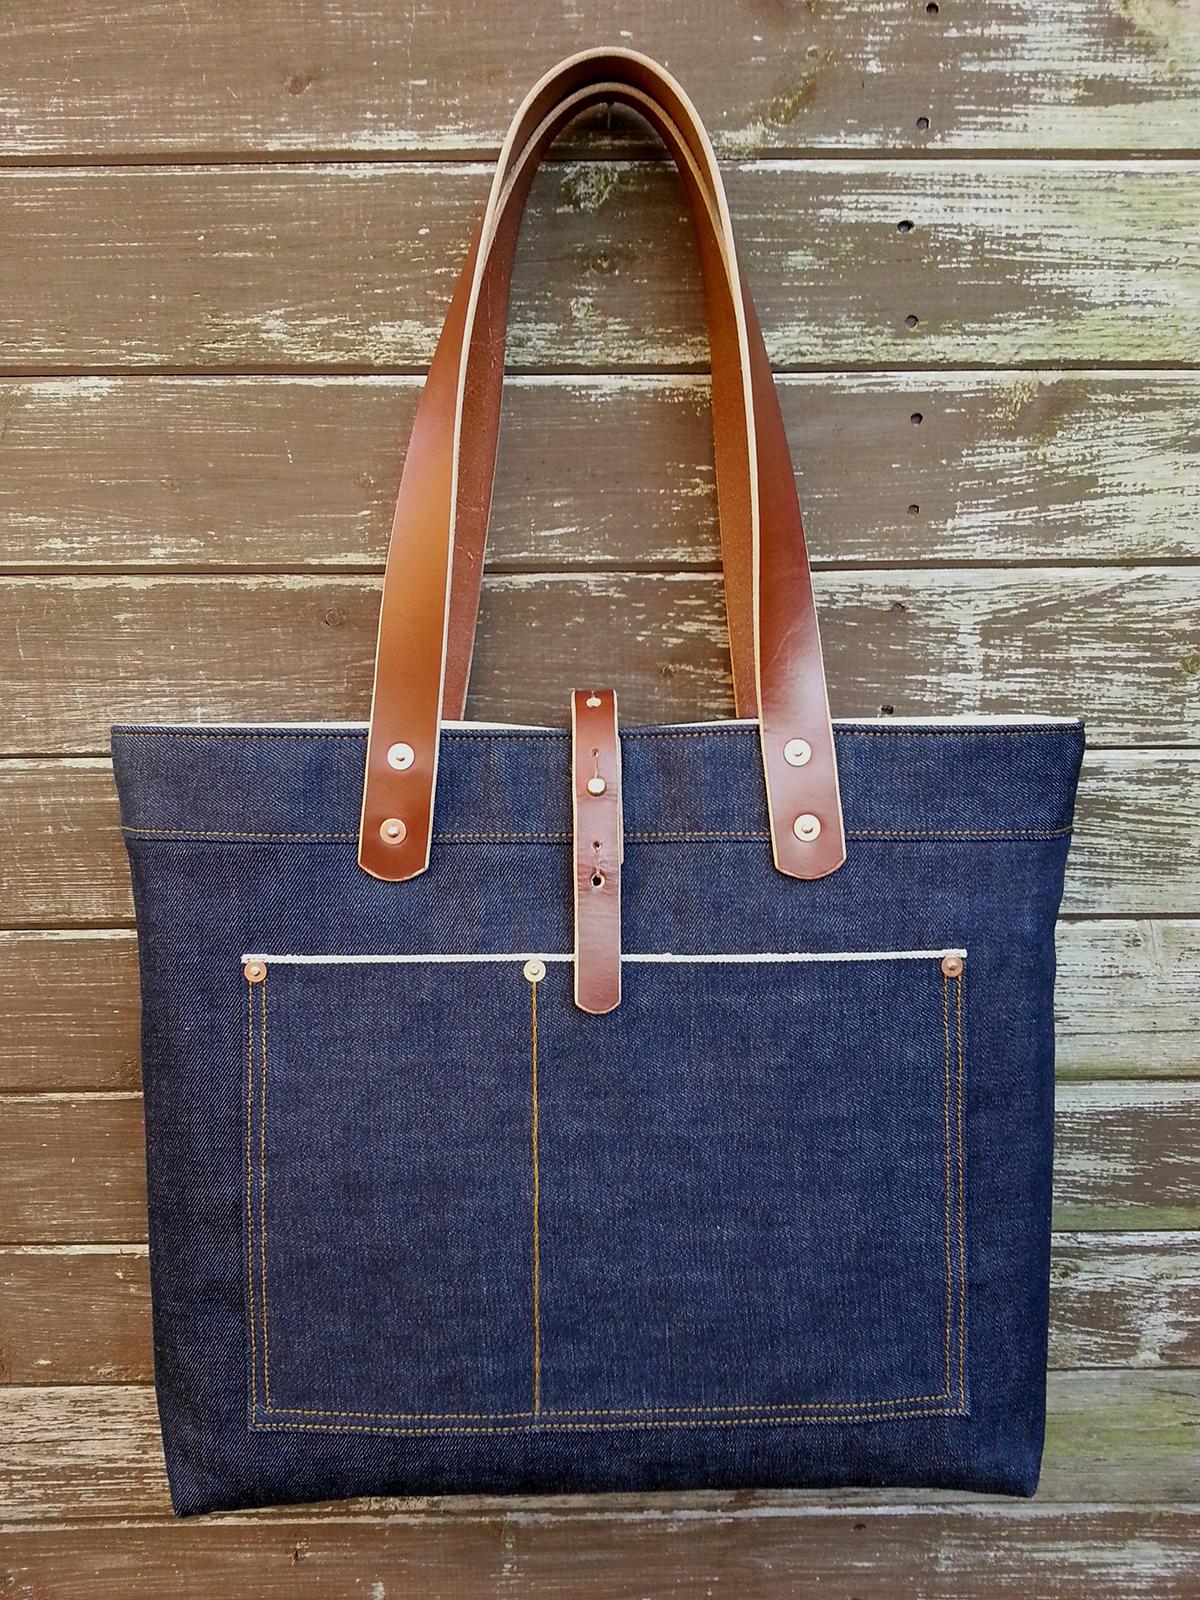 Простая сумка своими руками из джинс